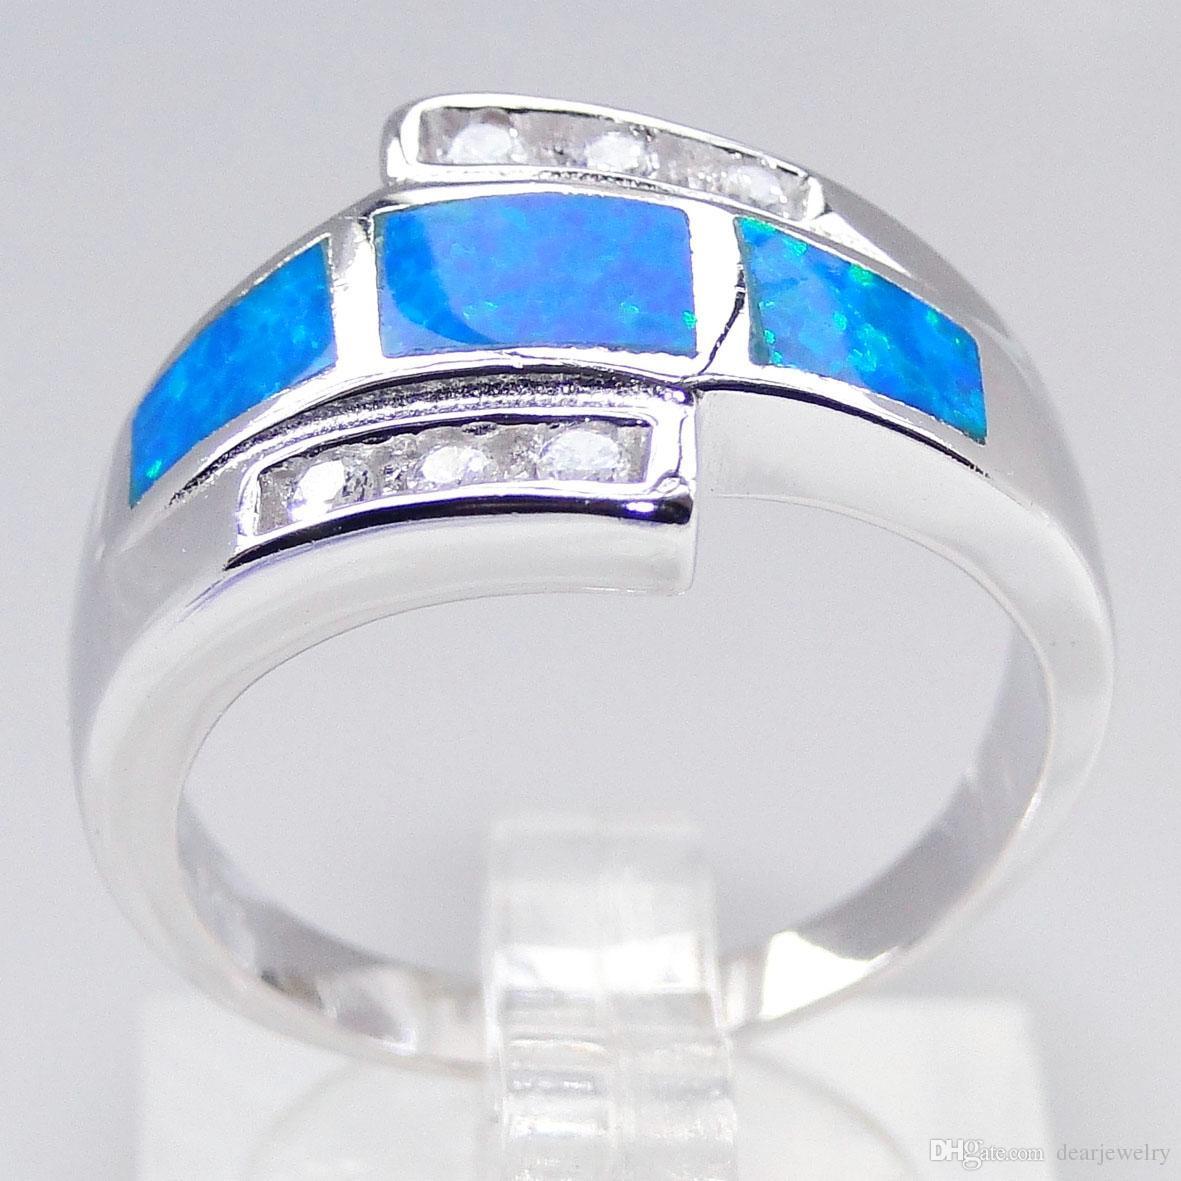 Nouveau mode bijoux australien en gros bleu opale bijoux mens opale rose anneaux plaqué rhodium DR00110R Taille5.6.7.8 Livraison gratuite